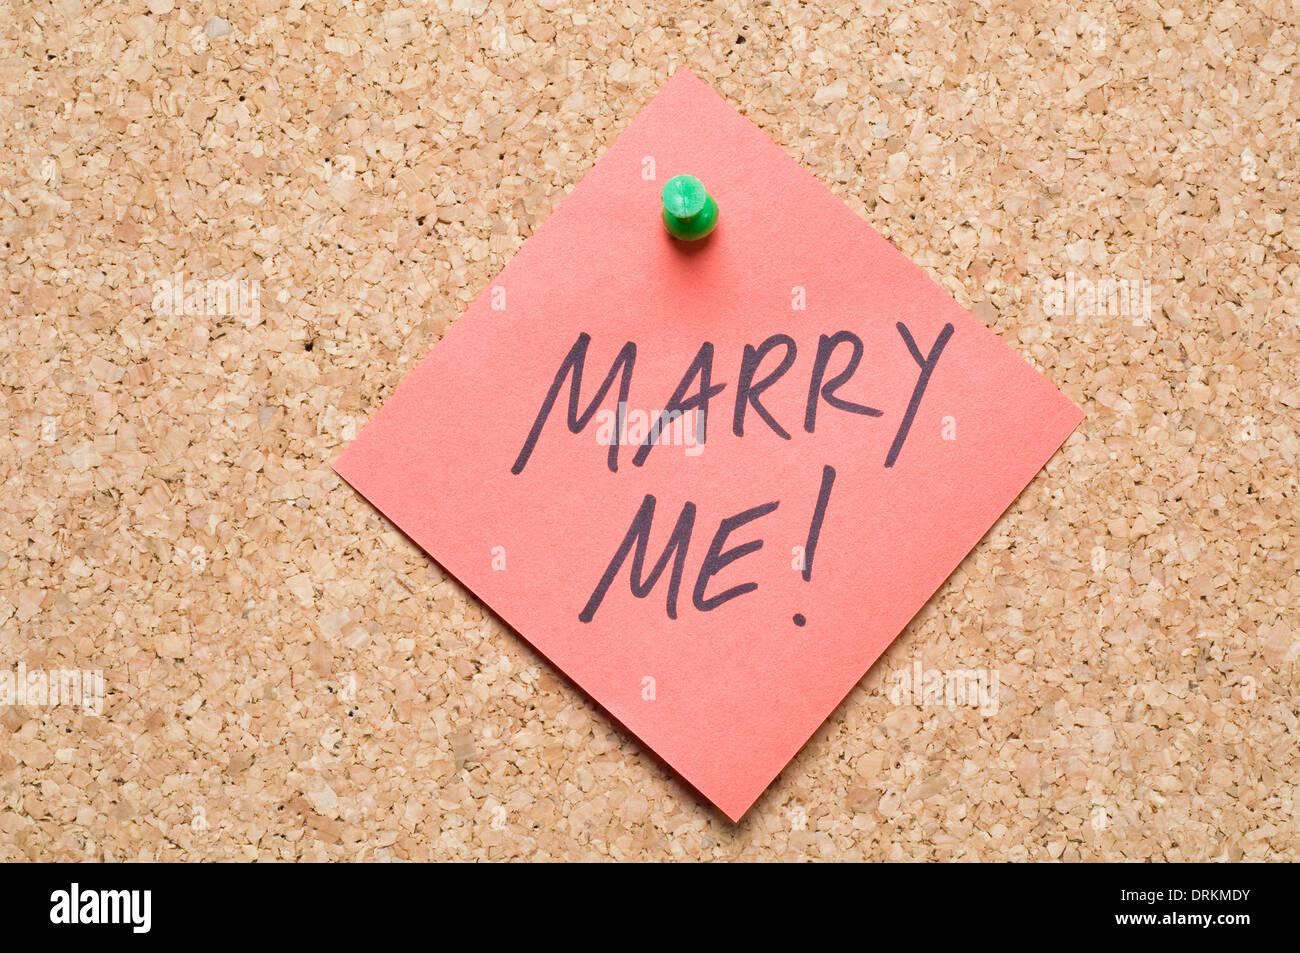 Message Marry Me Imágenes De Stock & Message Marry Me Fotos De Stock ...